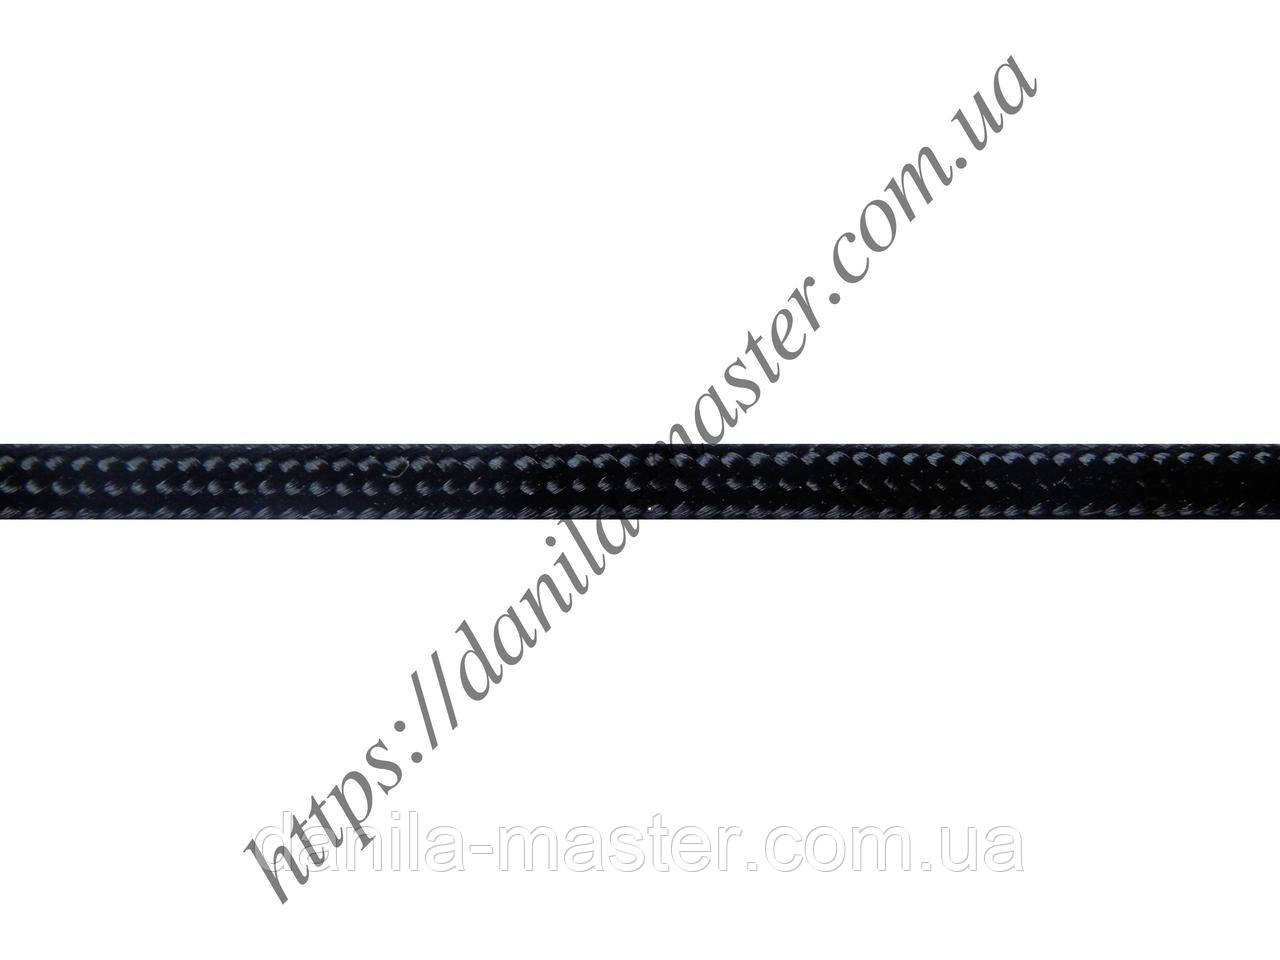 Шнур нейлоново-шелковый черный плетеный Milan 216 (d=2,5мм)